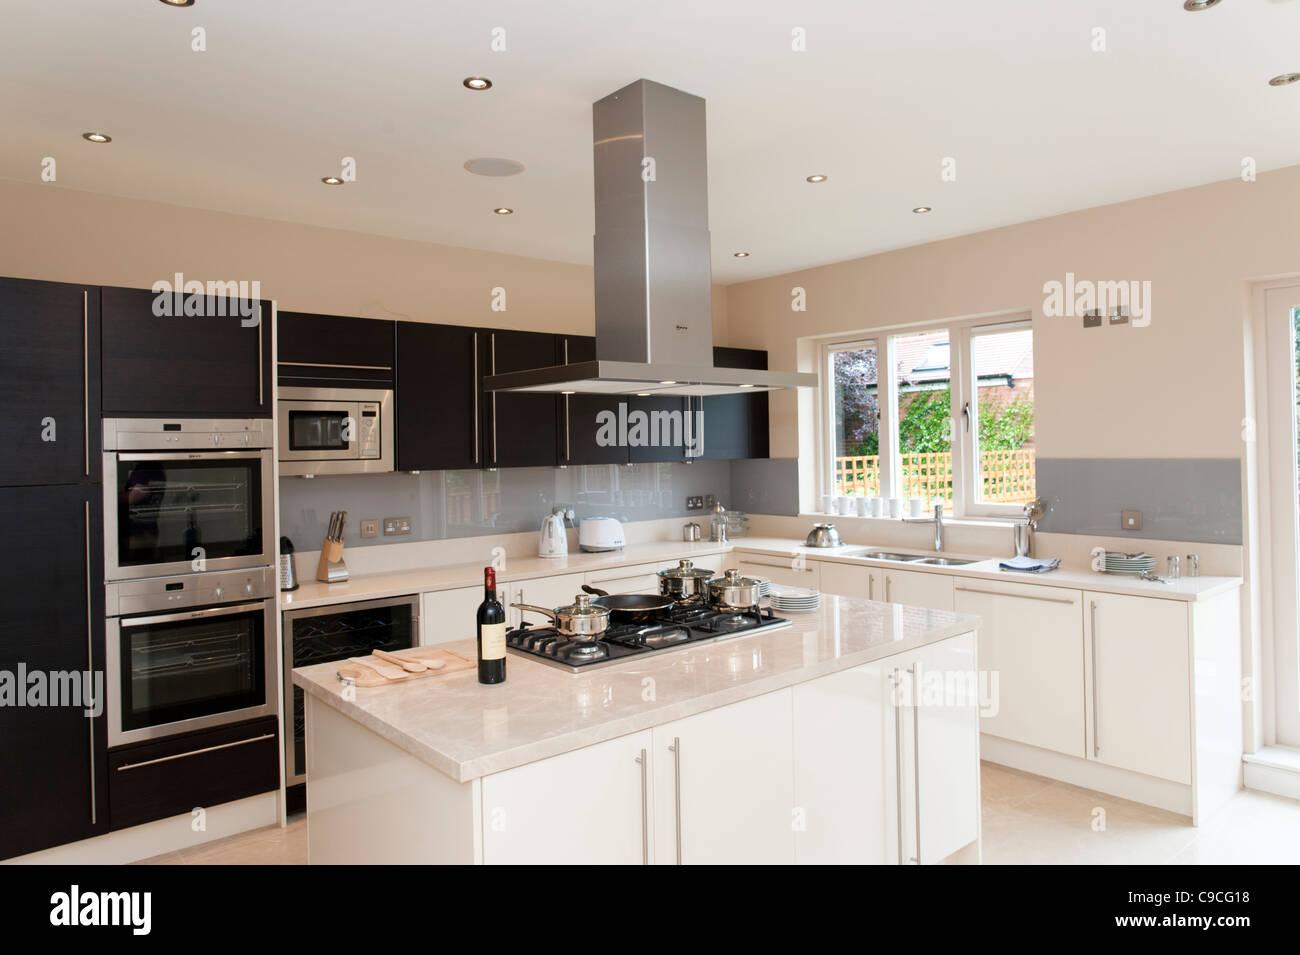 Nuova moderna cucina attrezzata in grande casa, England, Regno Unito Immagini Stock